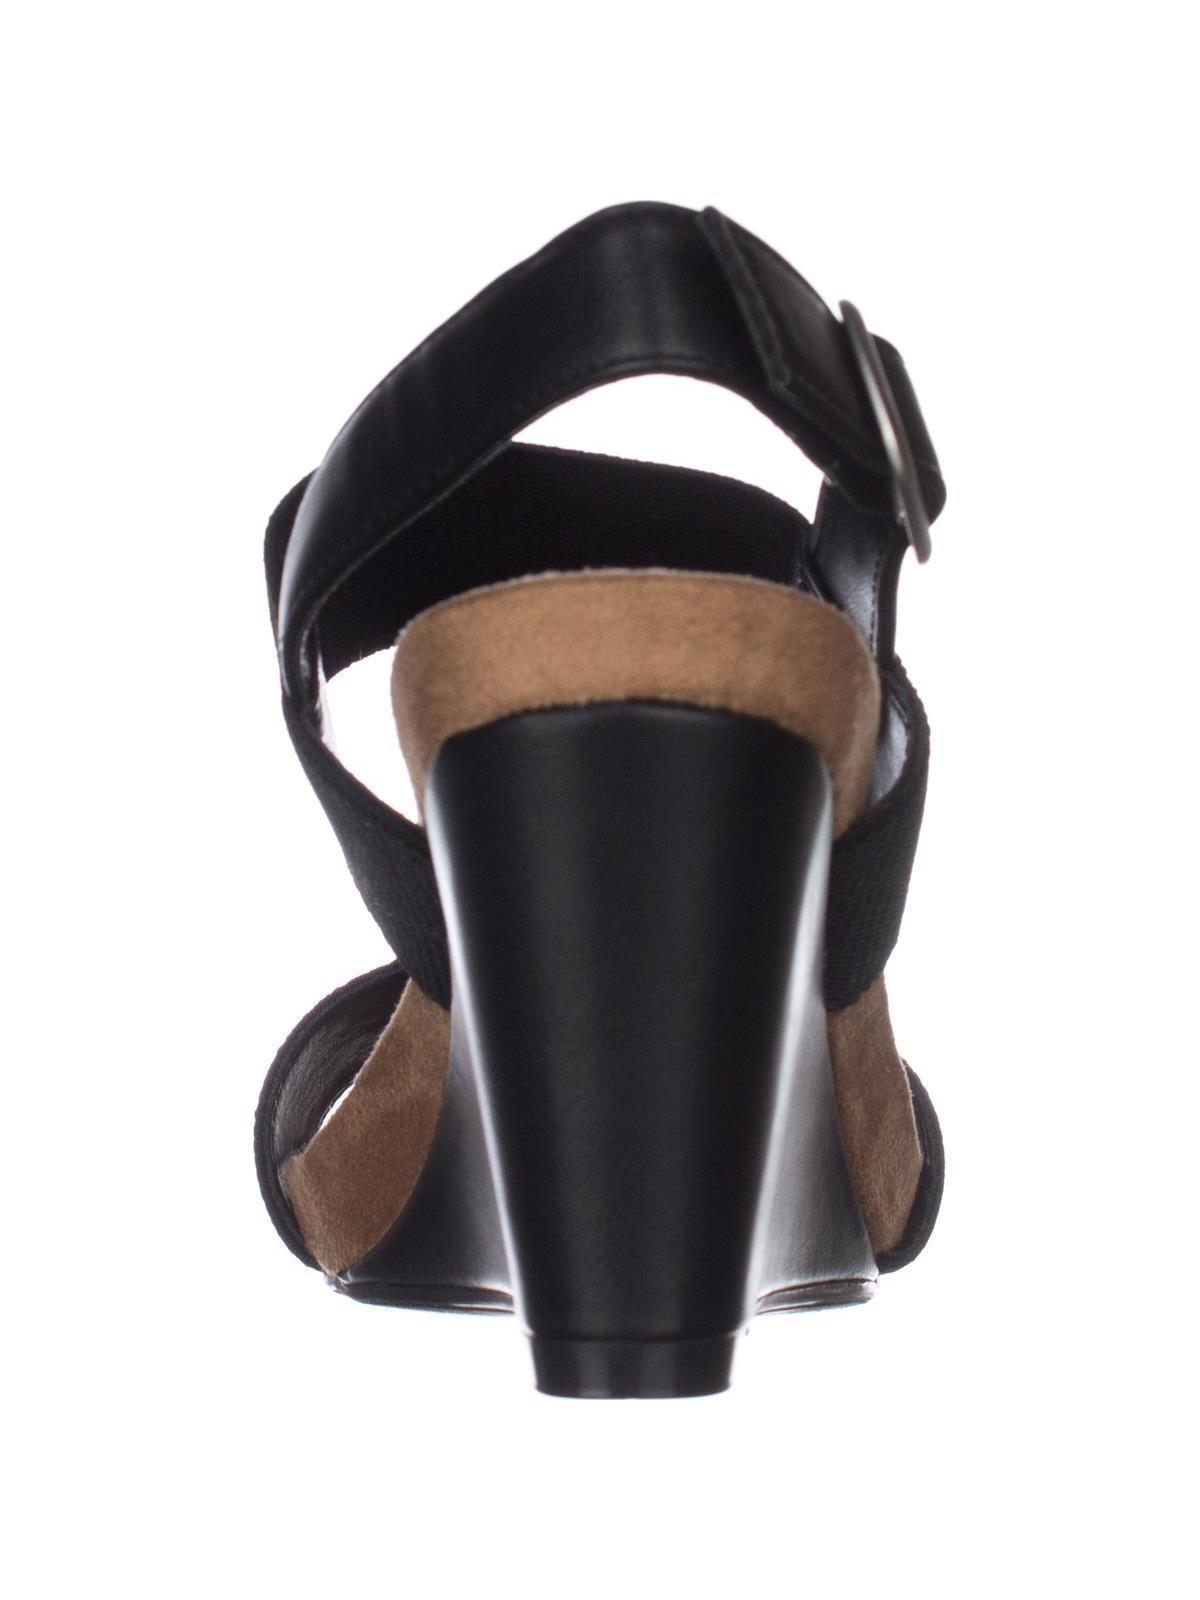 ba6e74be0b3 SC35 Fillipip Comfort Wedge Sandals